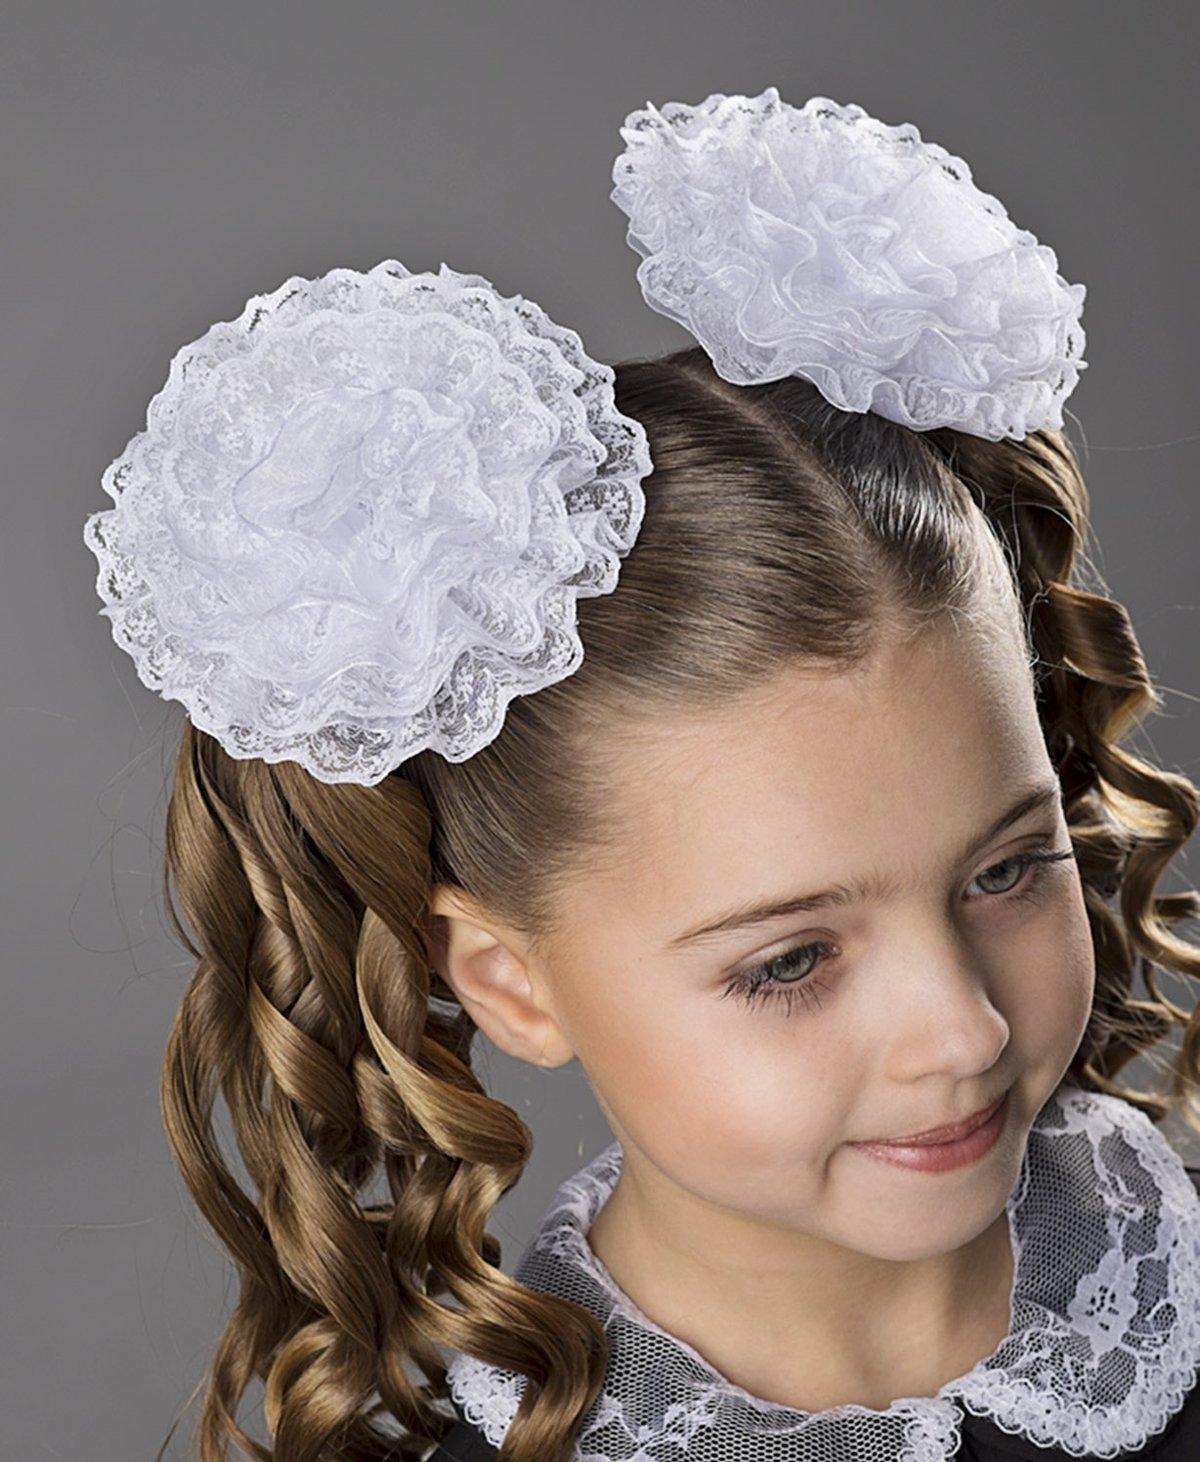 Причёски на 1 сентября для девочек 1 класс с бантами фото